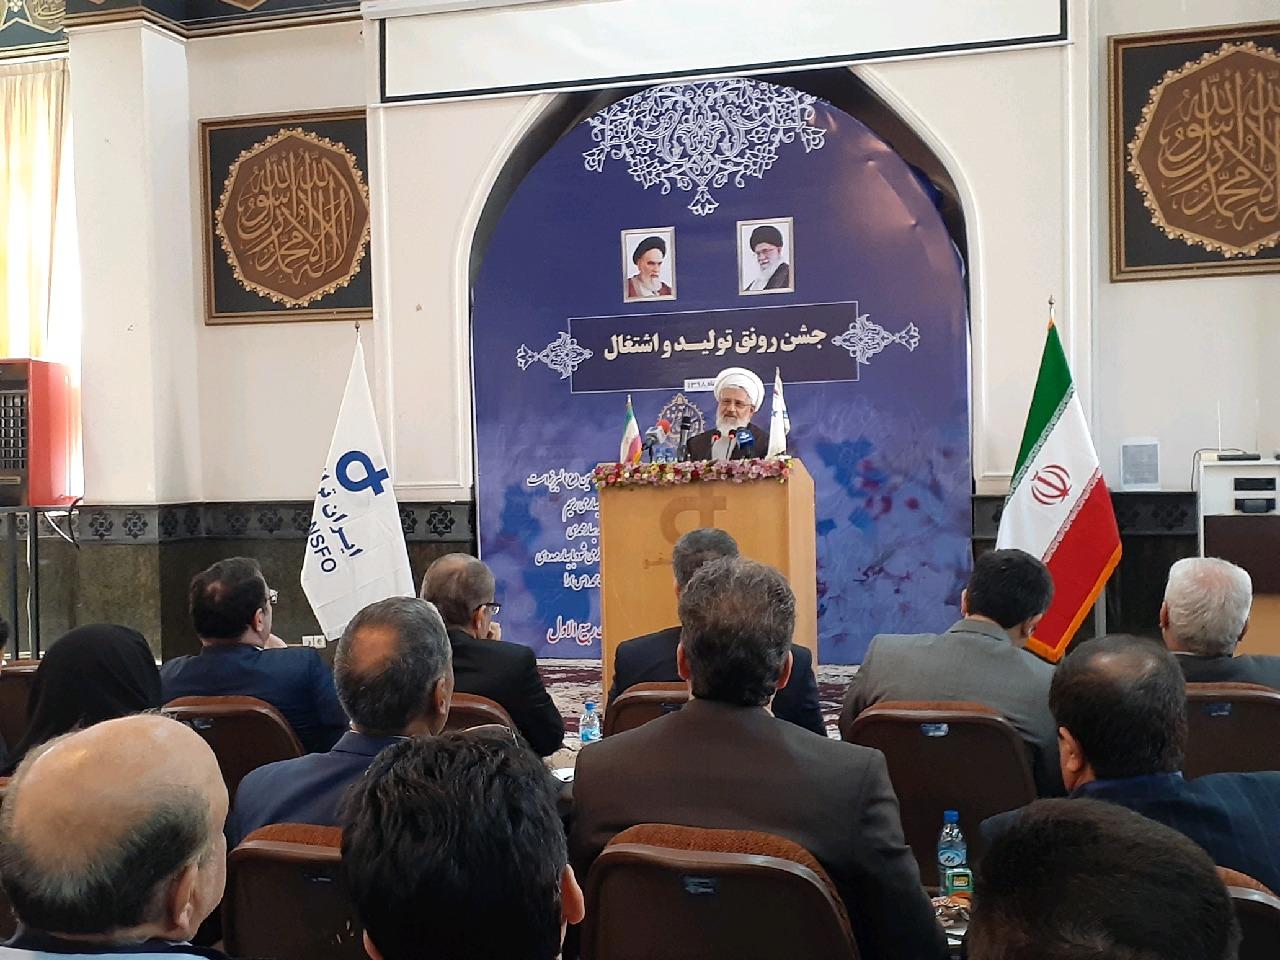 وزیر صنعت ، معدن و تجارت امروز مهمان زنجانی هاست